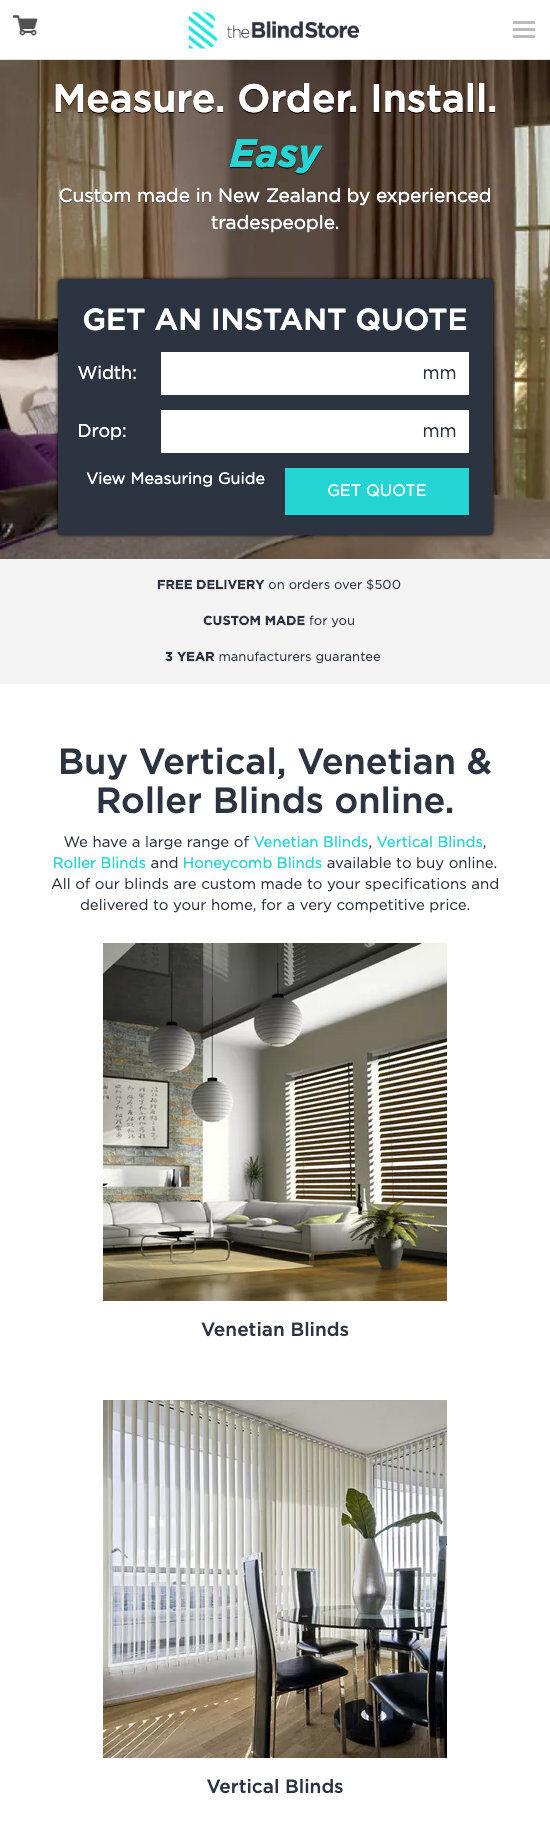 ss theblindstore ecommerce website design home mb